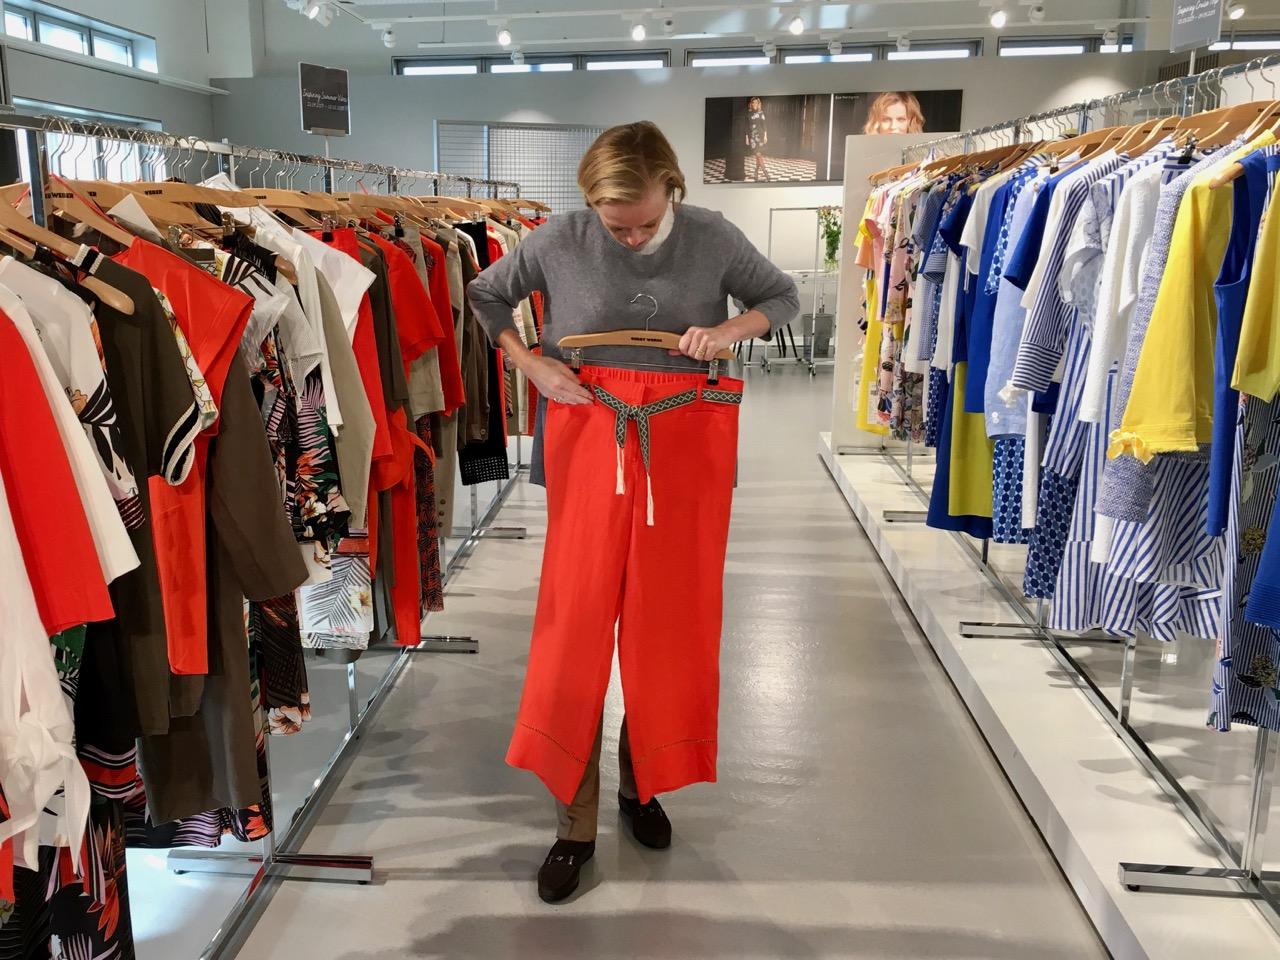 840c043394b2 I fredags var min syster Louise och jag på inköp hos Gerry Weber i  Köpenhamn för att köpa kläder för sommaren 2019. Vi valde linnekläder,  klänningar, ...